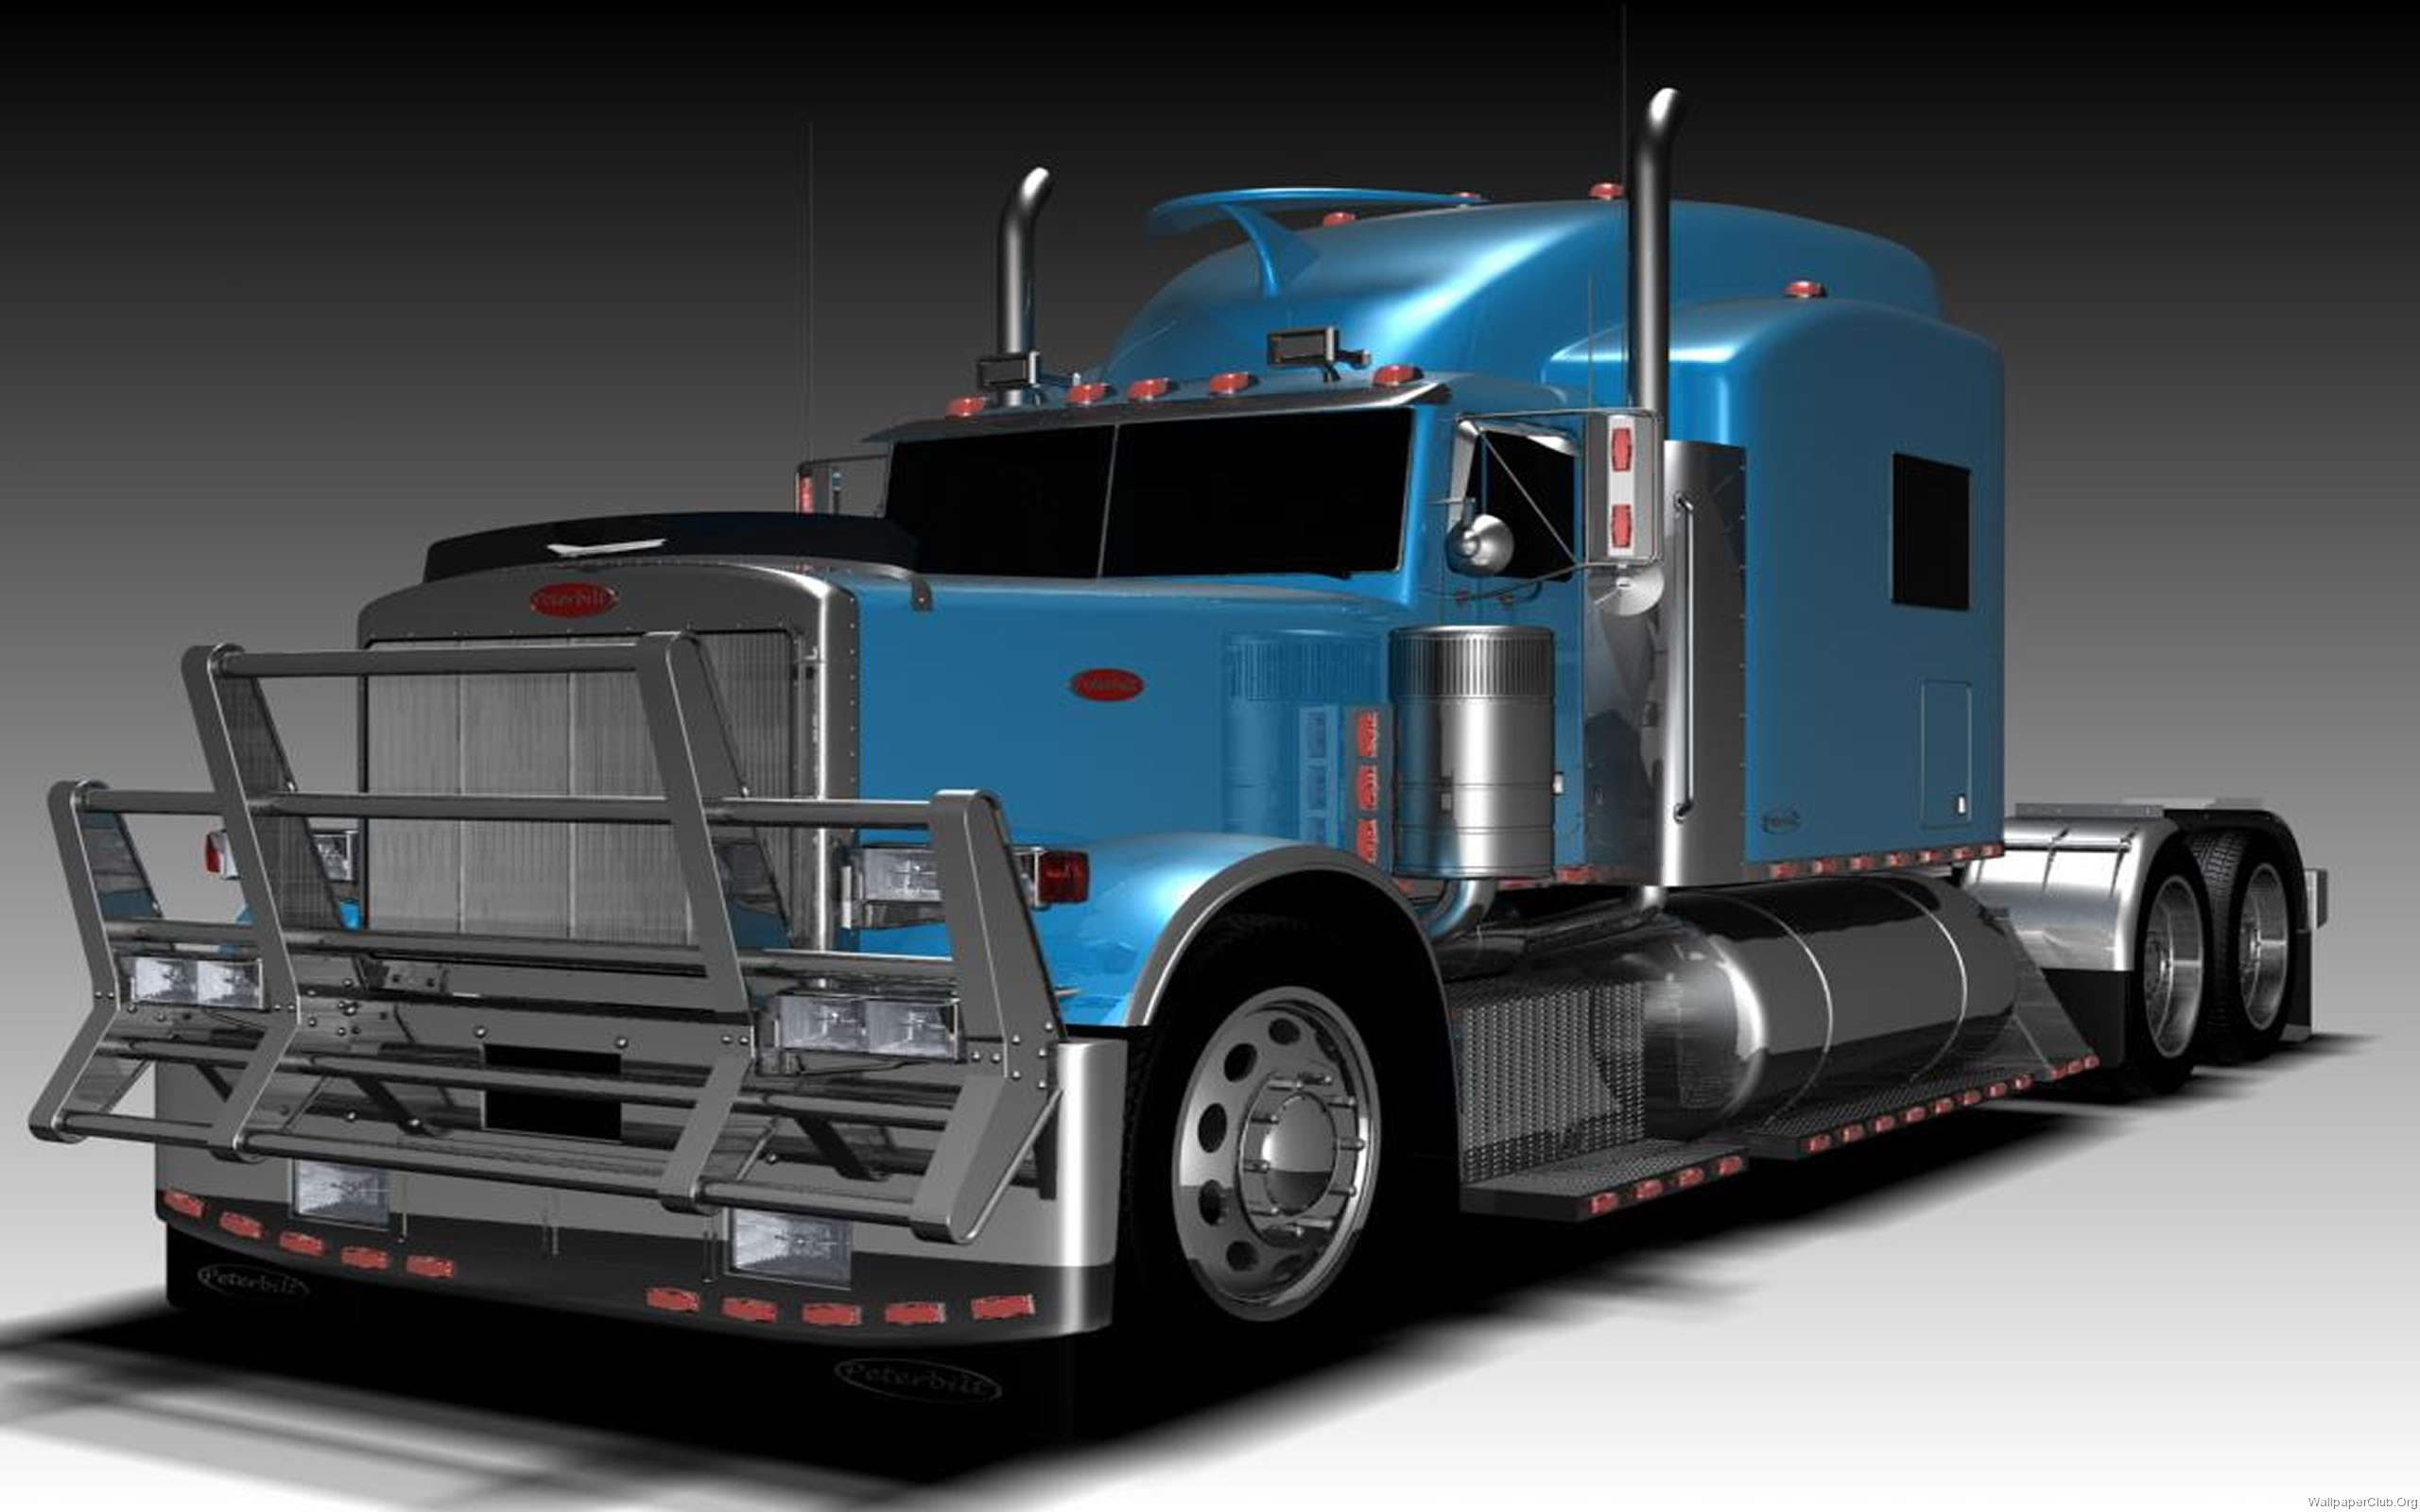 Picture Truck 3D Wallpaper 8651 2324 Wallpaper High Resolution 2560x1600